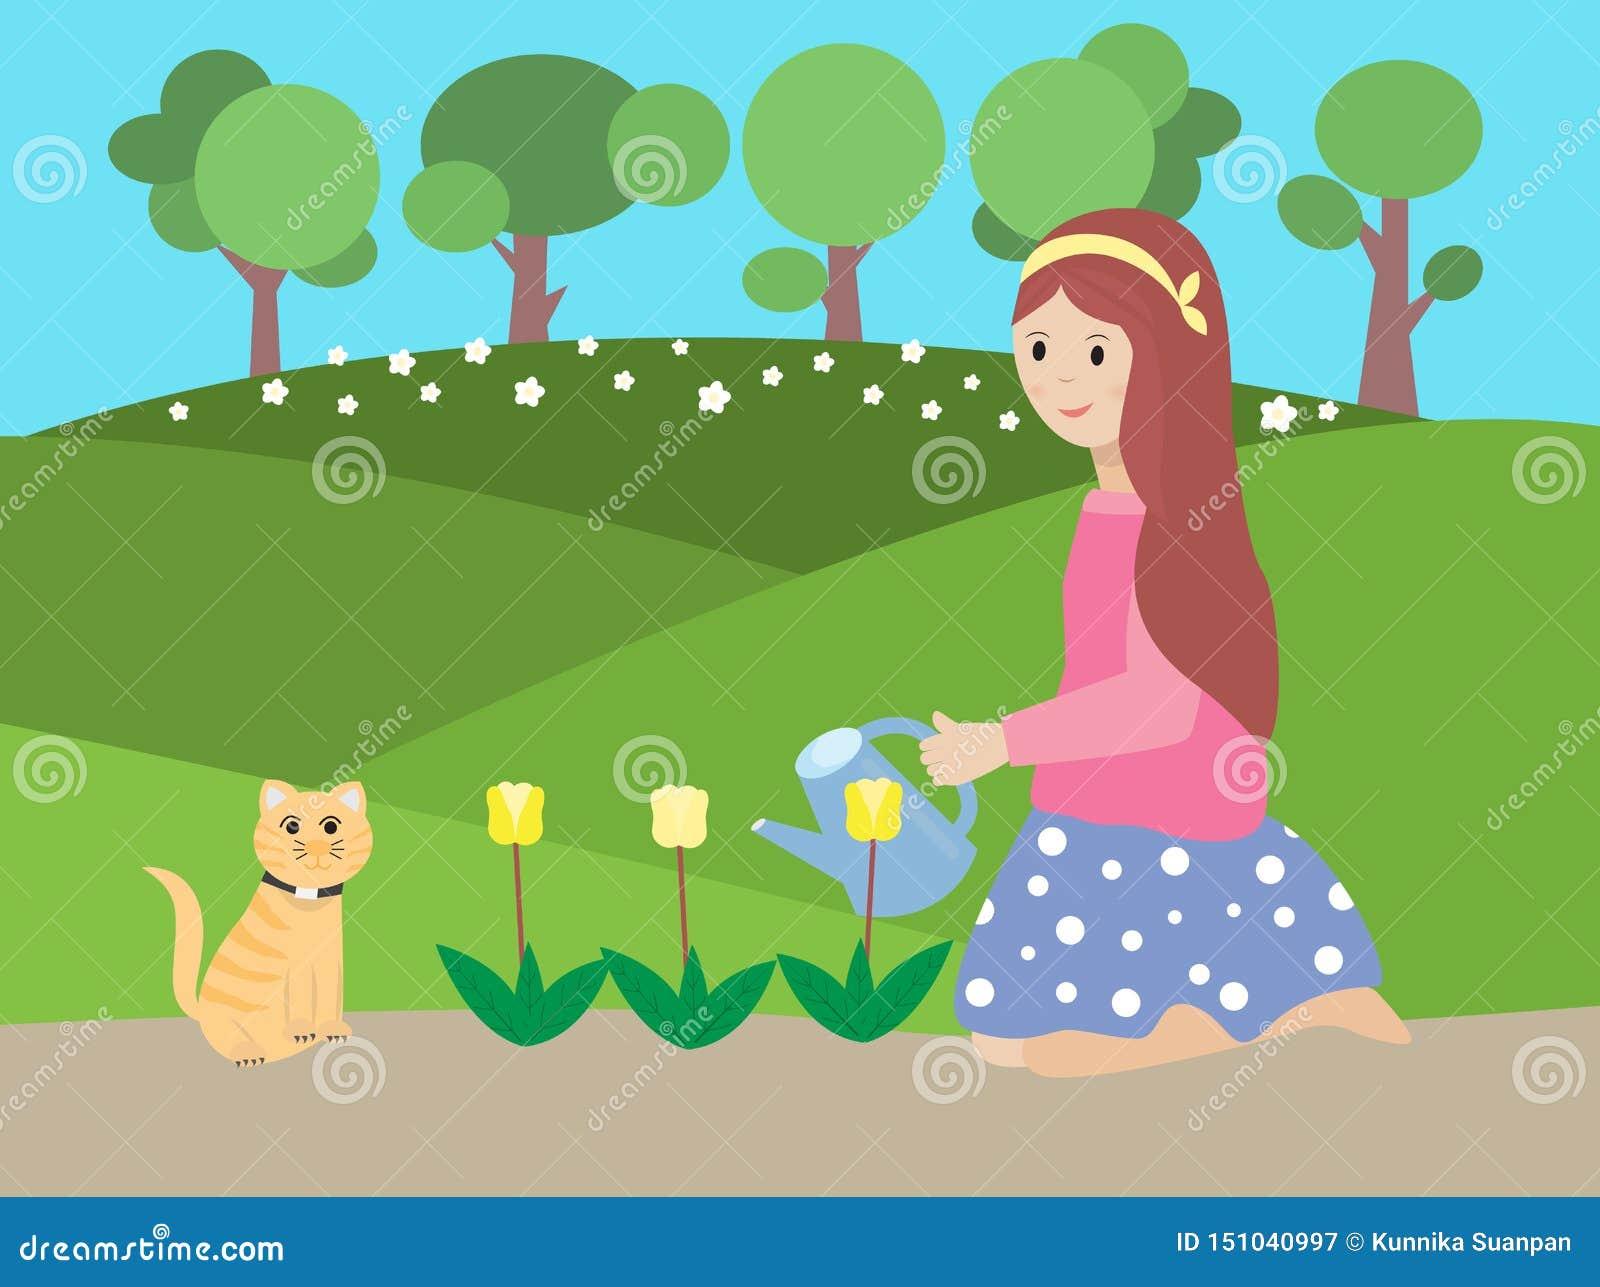 Ilustração do vetor de uma flor molhando da menina